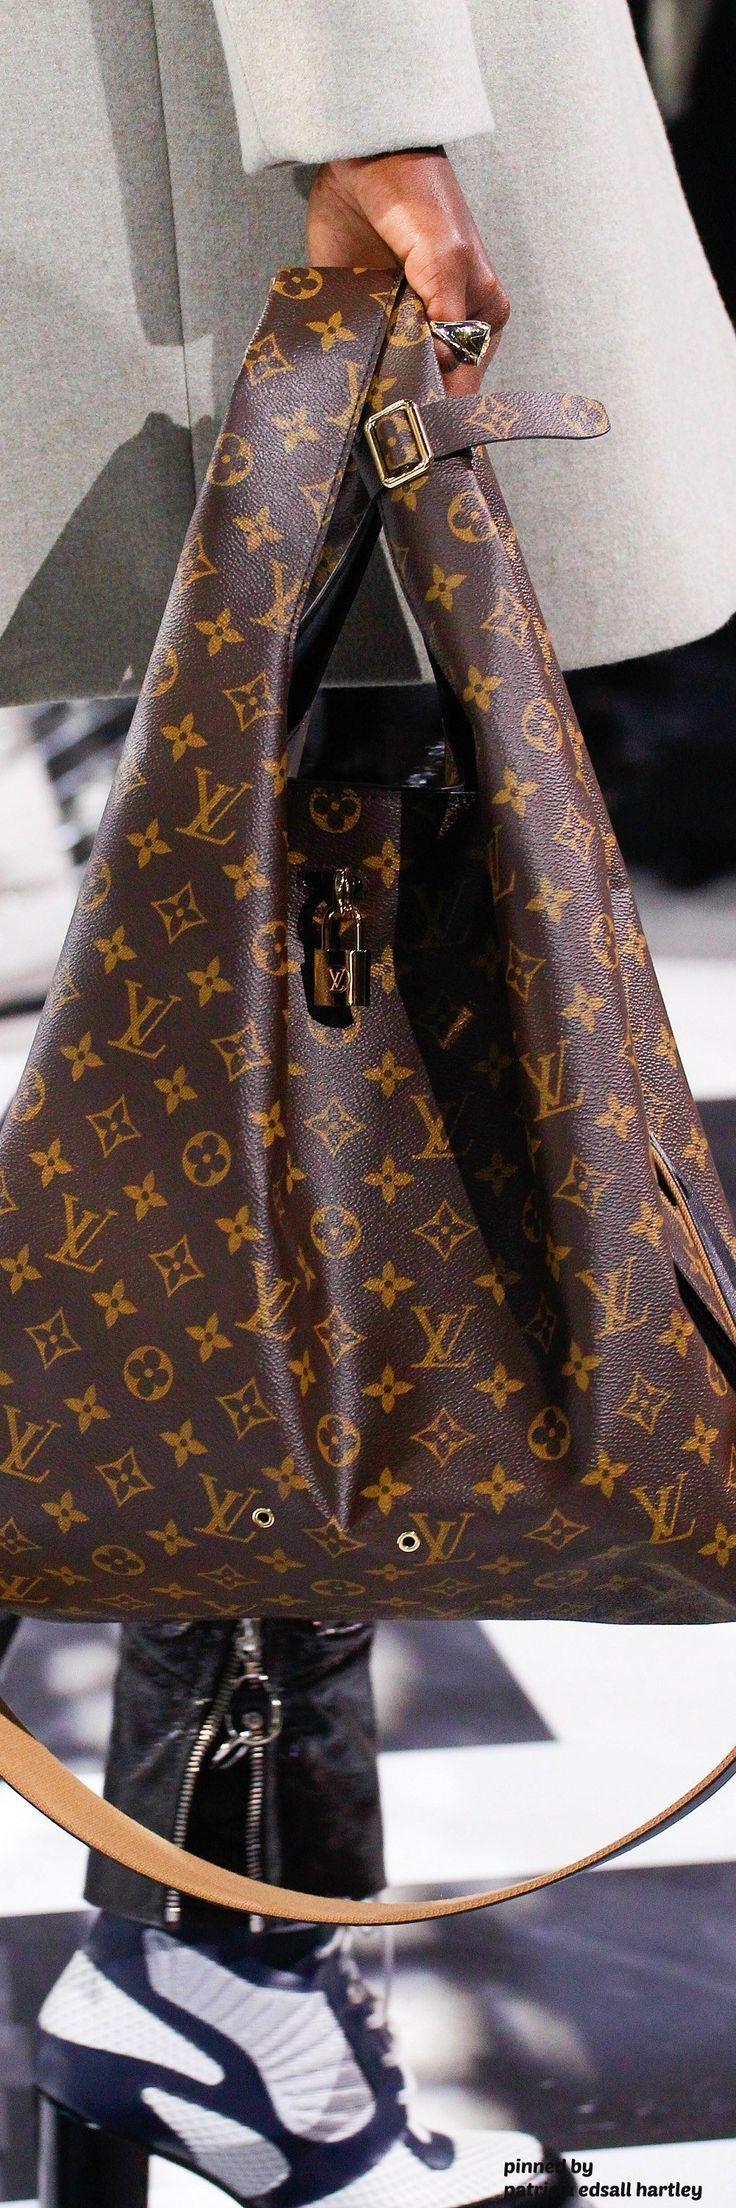 ravishing affordable handbags 2017 spring fashion bags 2018 - popular handbags, handbags womens, italian handbags *sponsored https://www.pinterest.com/purses_handbags/ https://www.pinterest.com/explore/handbag/ https://www.pinterest.com/purses_handbags/radley-handbags/ https://www.guessfactory.com/en/Catalog/Browse/women/handbags/view-all/